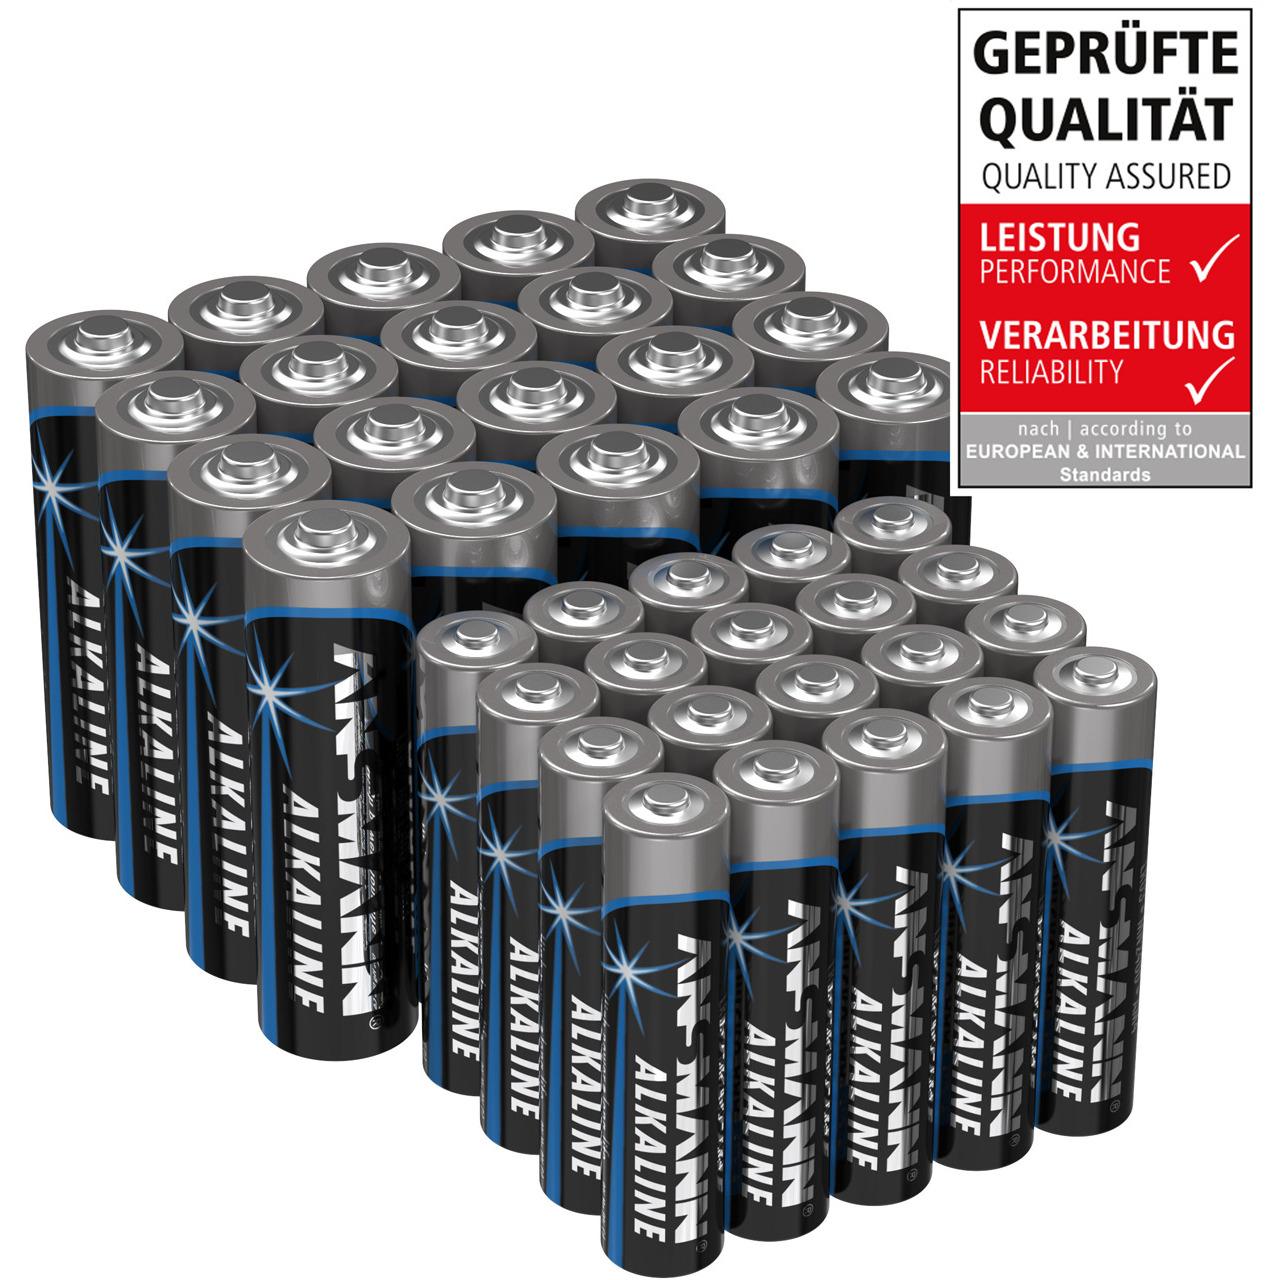 Ansmann Alkaline Batterie Vorratspack- 20x Mignon AA- 20x Micro AAA